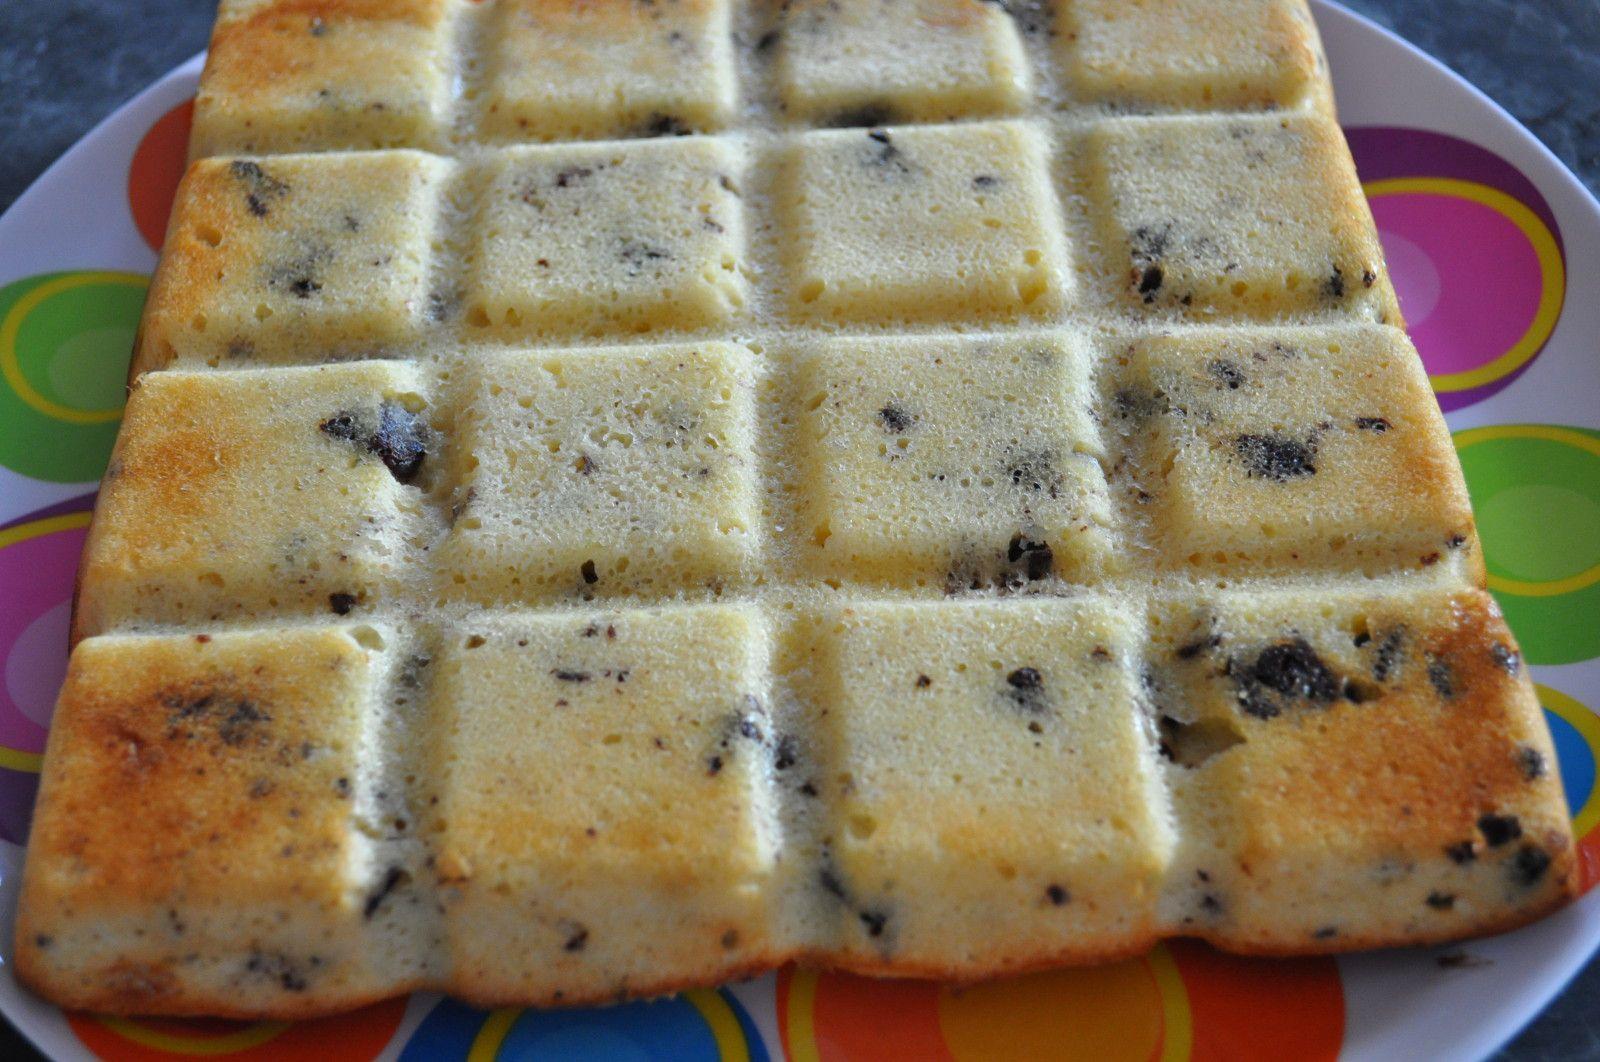 Recette gateau au yaourt noix de coco pepite de chocolat